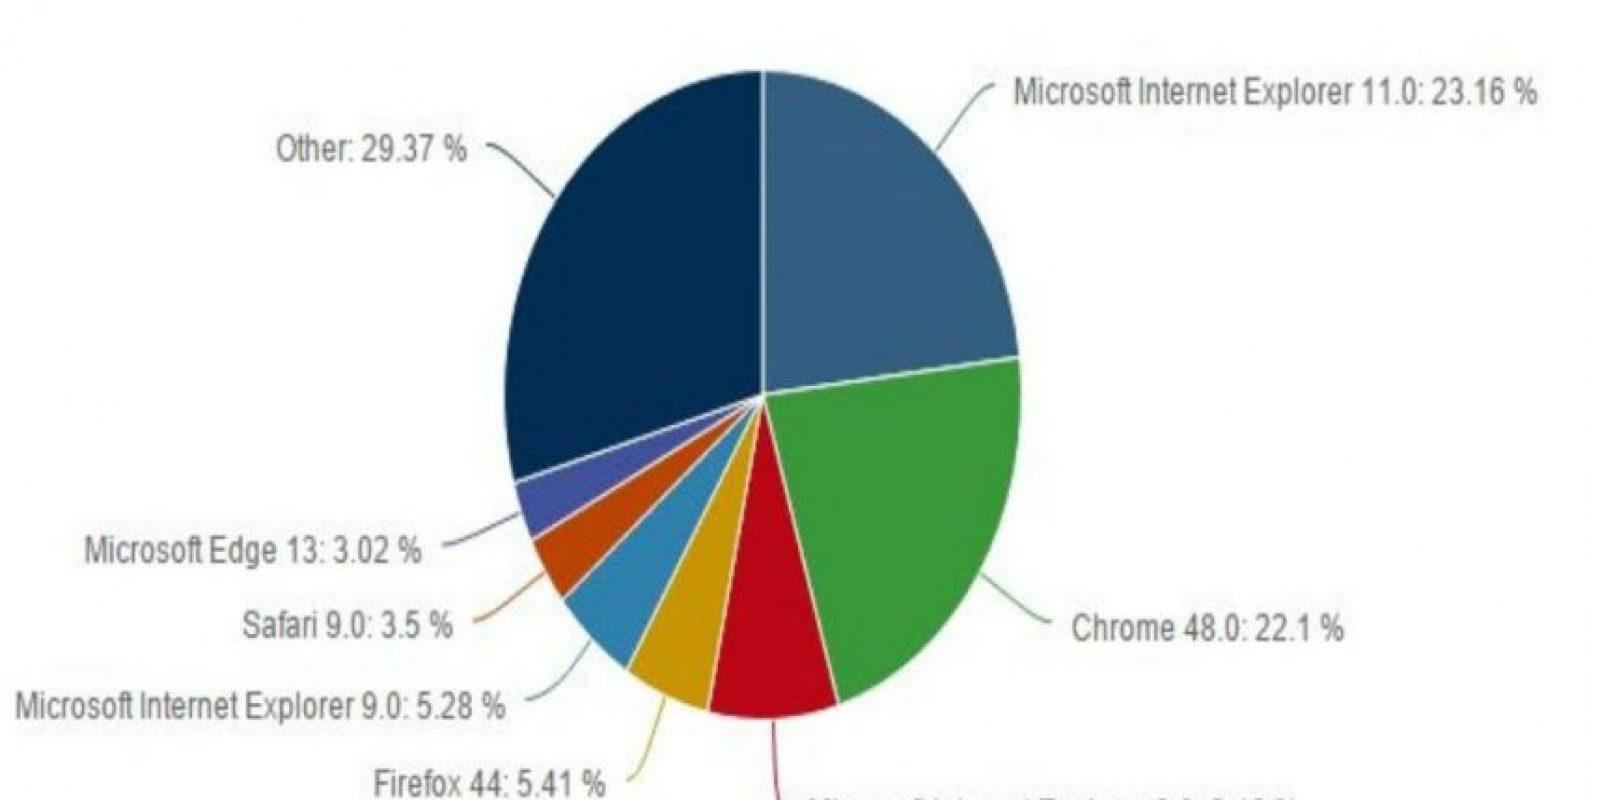 Así se encuentra actualmente la gráfica de navegadores. Foto:Net Applications